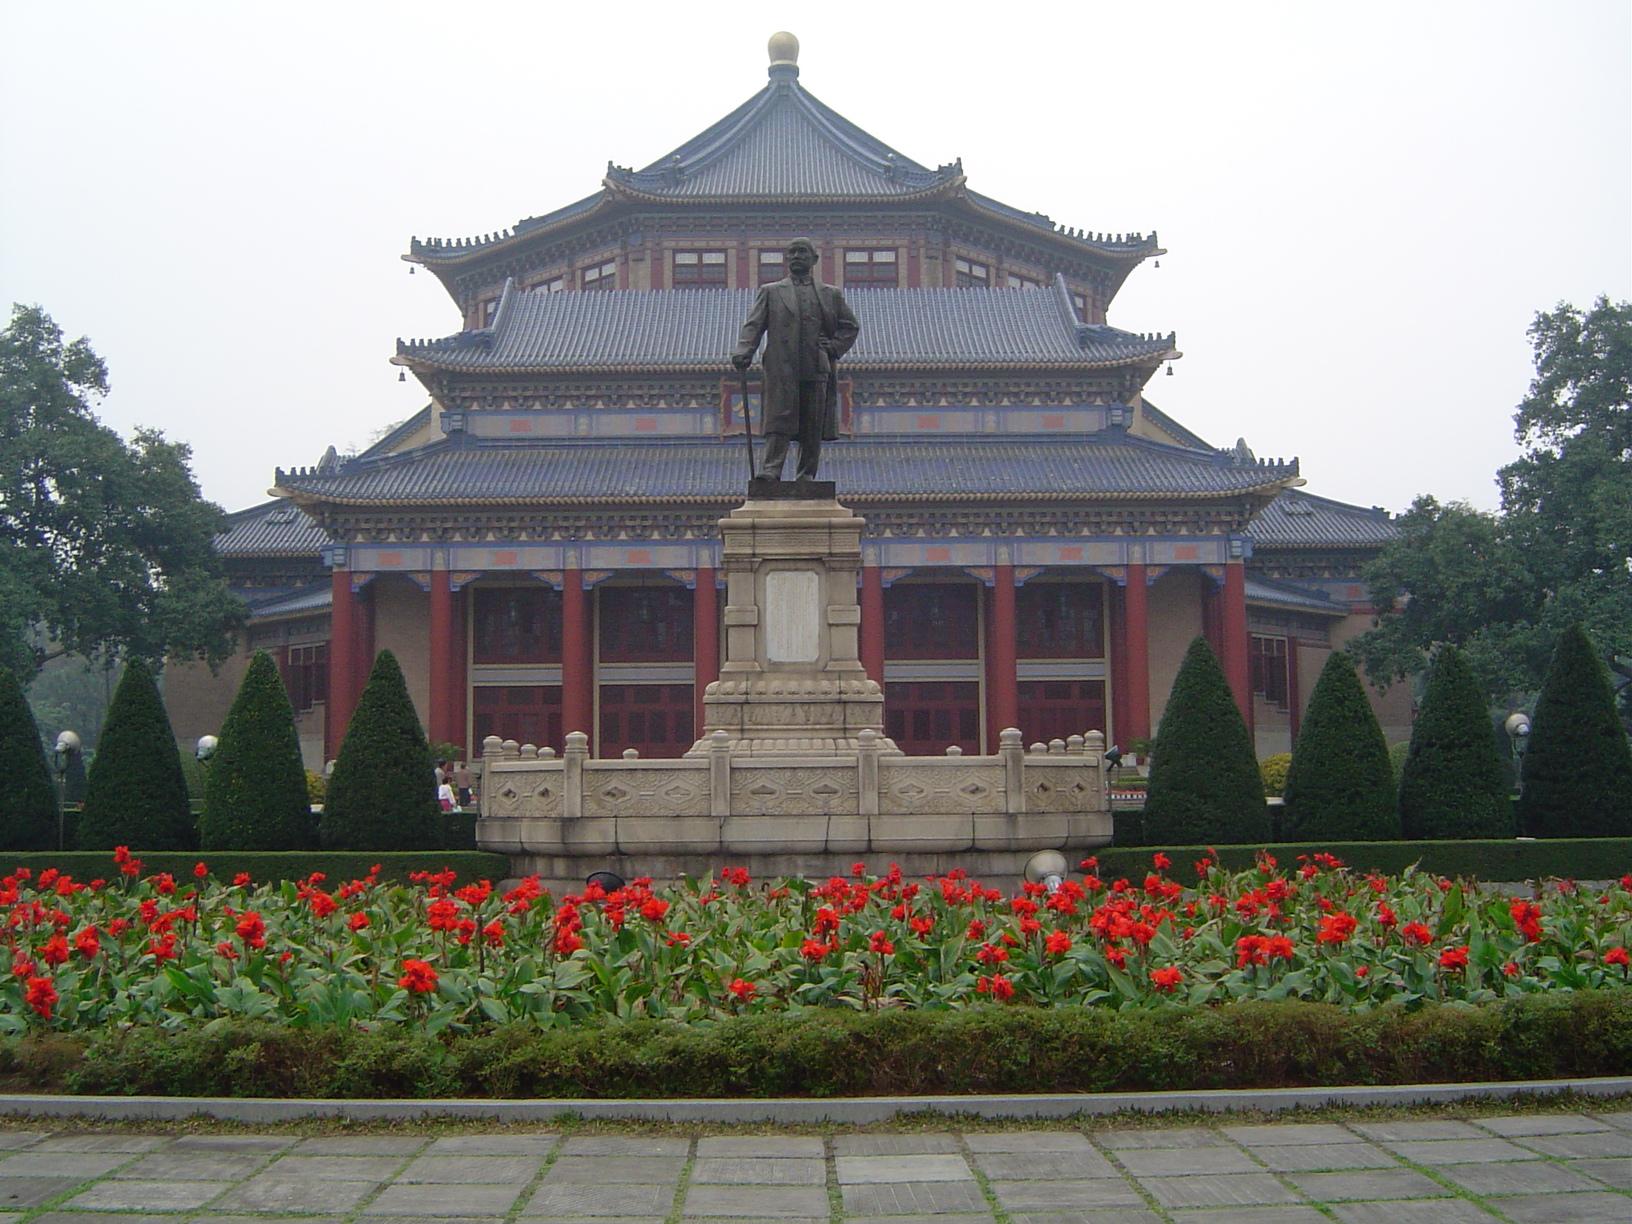 Sun Yat-sen Memorial Hall (Guangzhou)